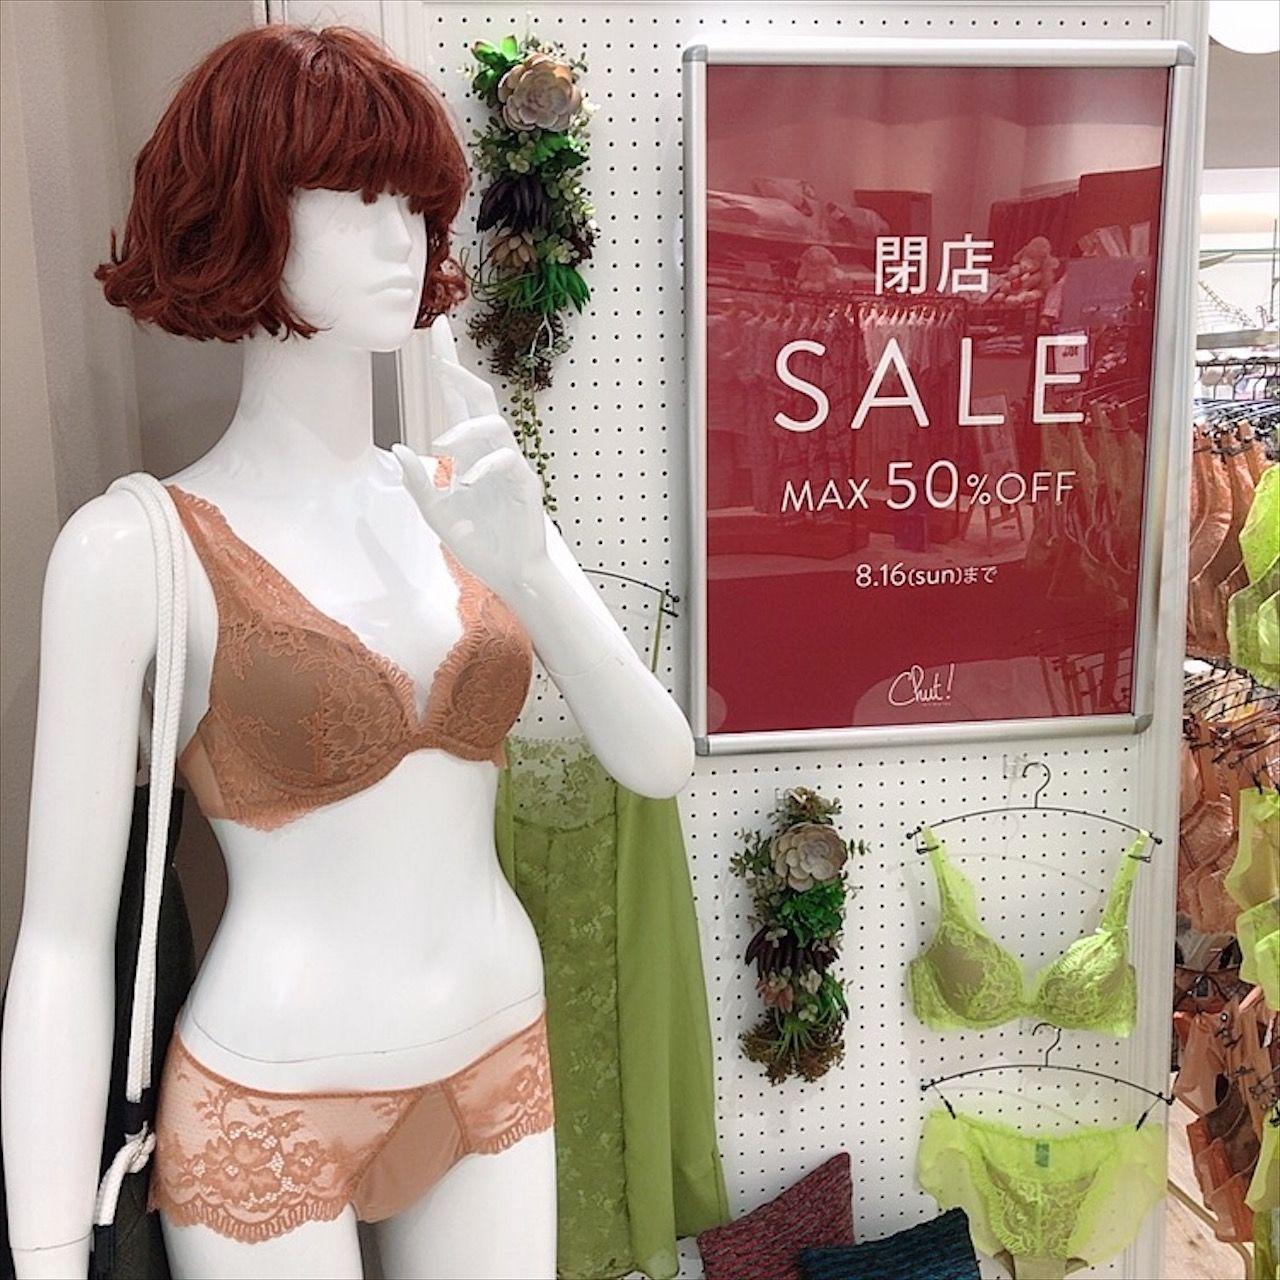 7月の岡山店人気ランキング⭐︎【イオンモール岡山店】の写真